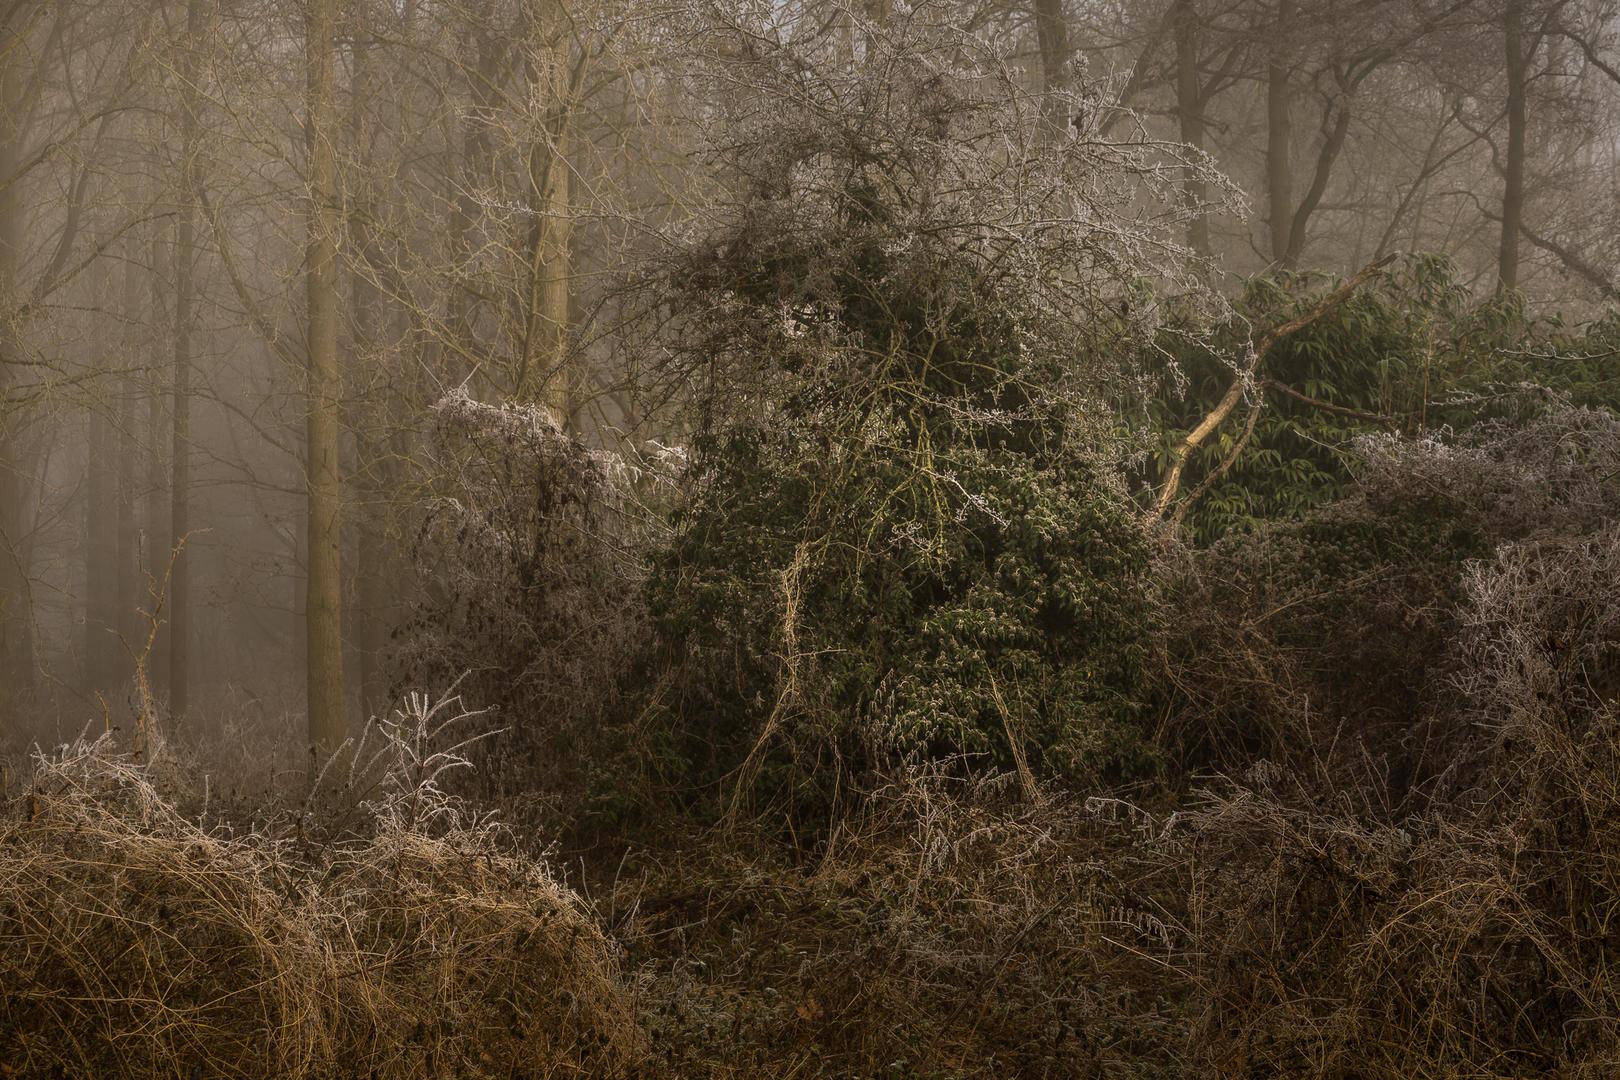 Удушение, © Ли Акастер, 3 место экспертного мнения, Фотофестиваль FIX